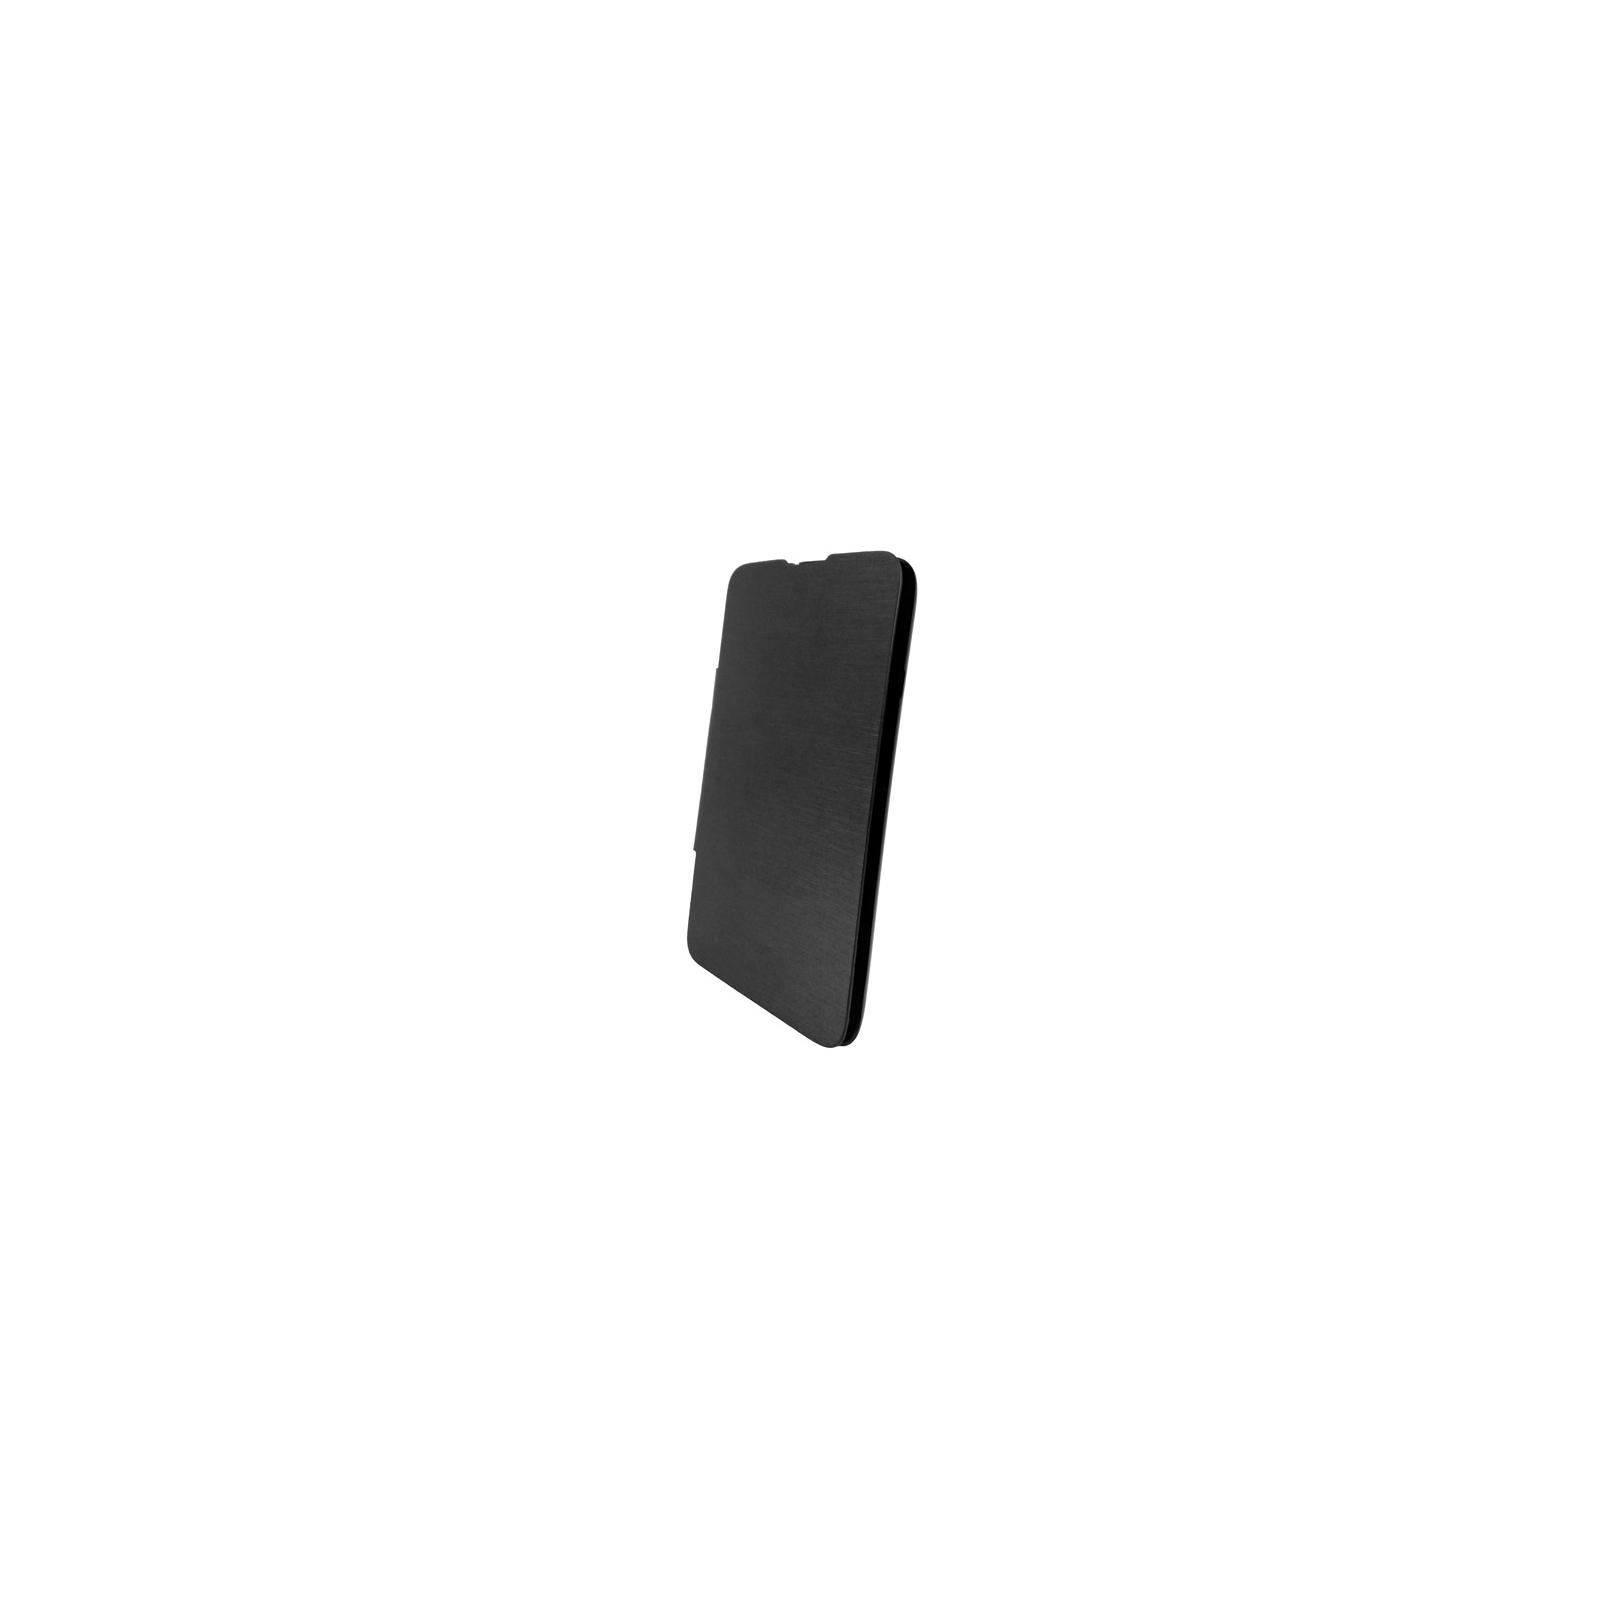 Чехол для моб. телефона GLOBAL для LG D320 L70 (PU, черный) (1283126459856)